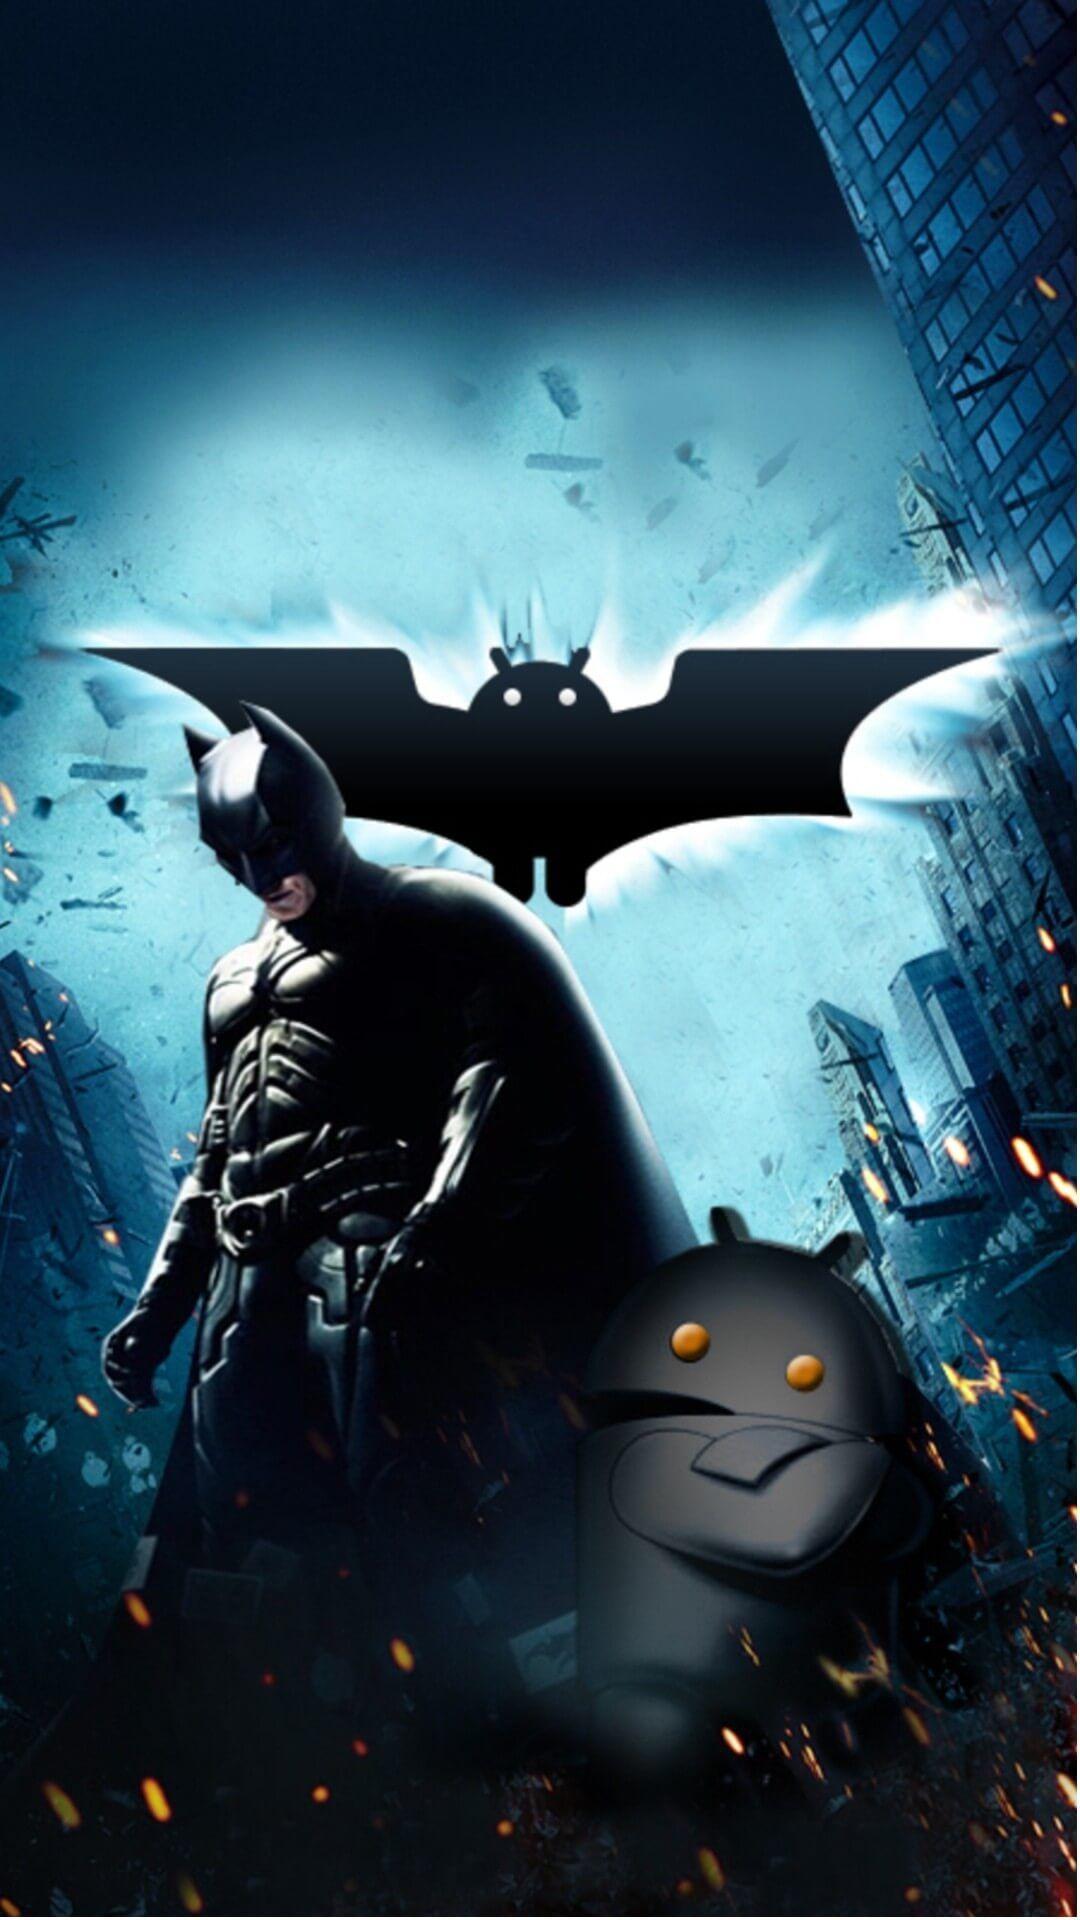 Batman iphone wallpaper batman wallpaper for iphone pinterest batman iphone wallpaper batman wallpaper for iphone pinterest voltagebd Choice Image